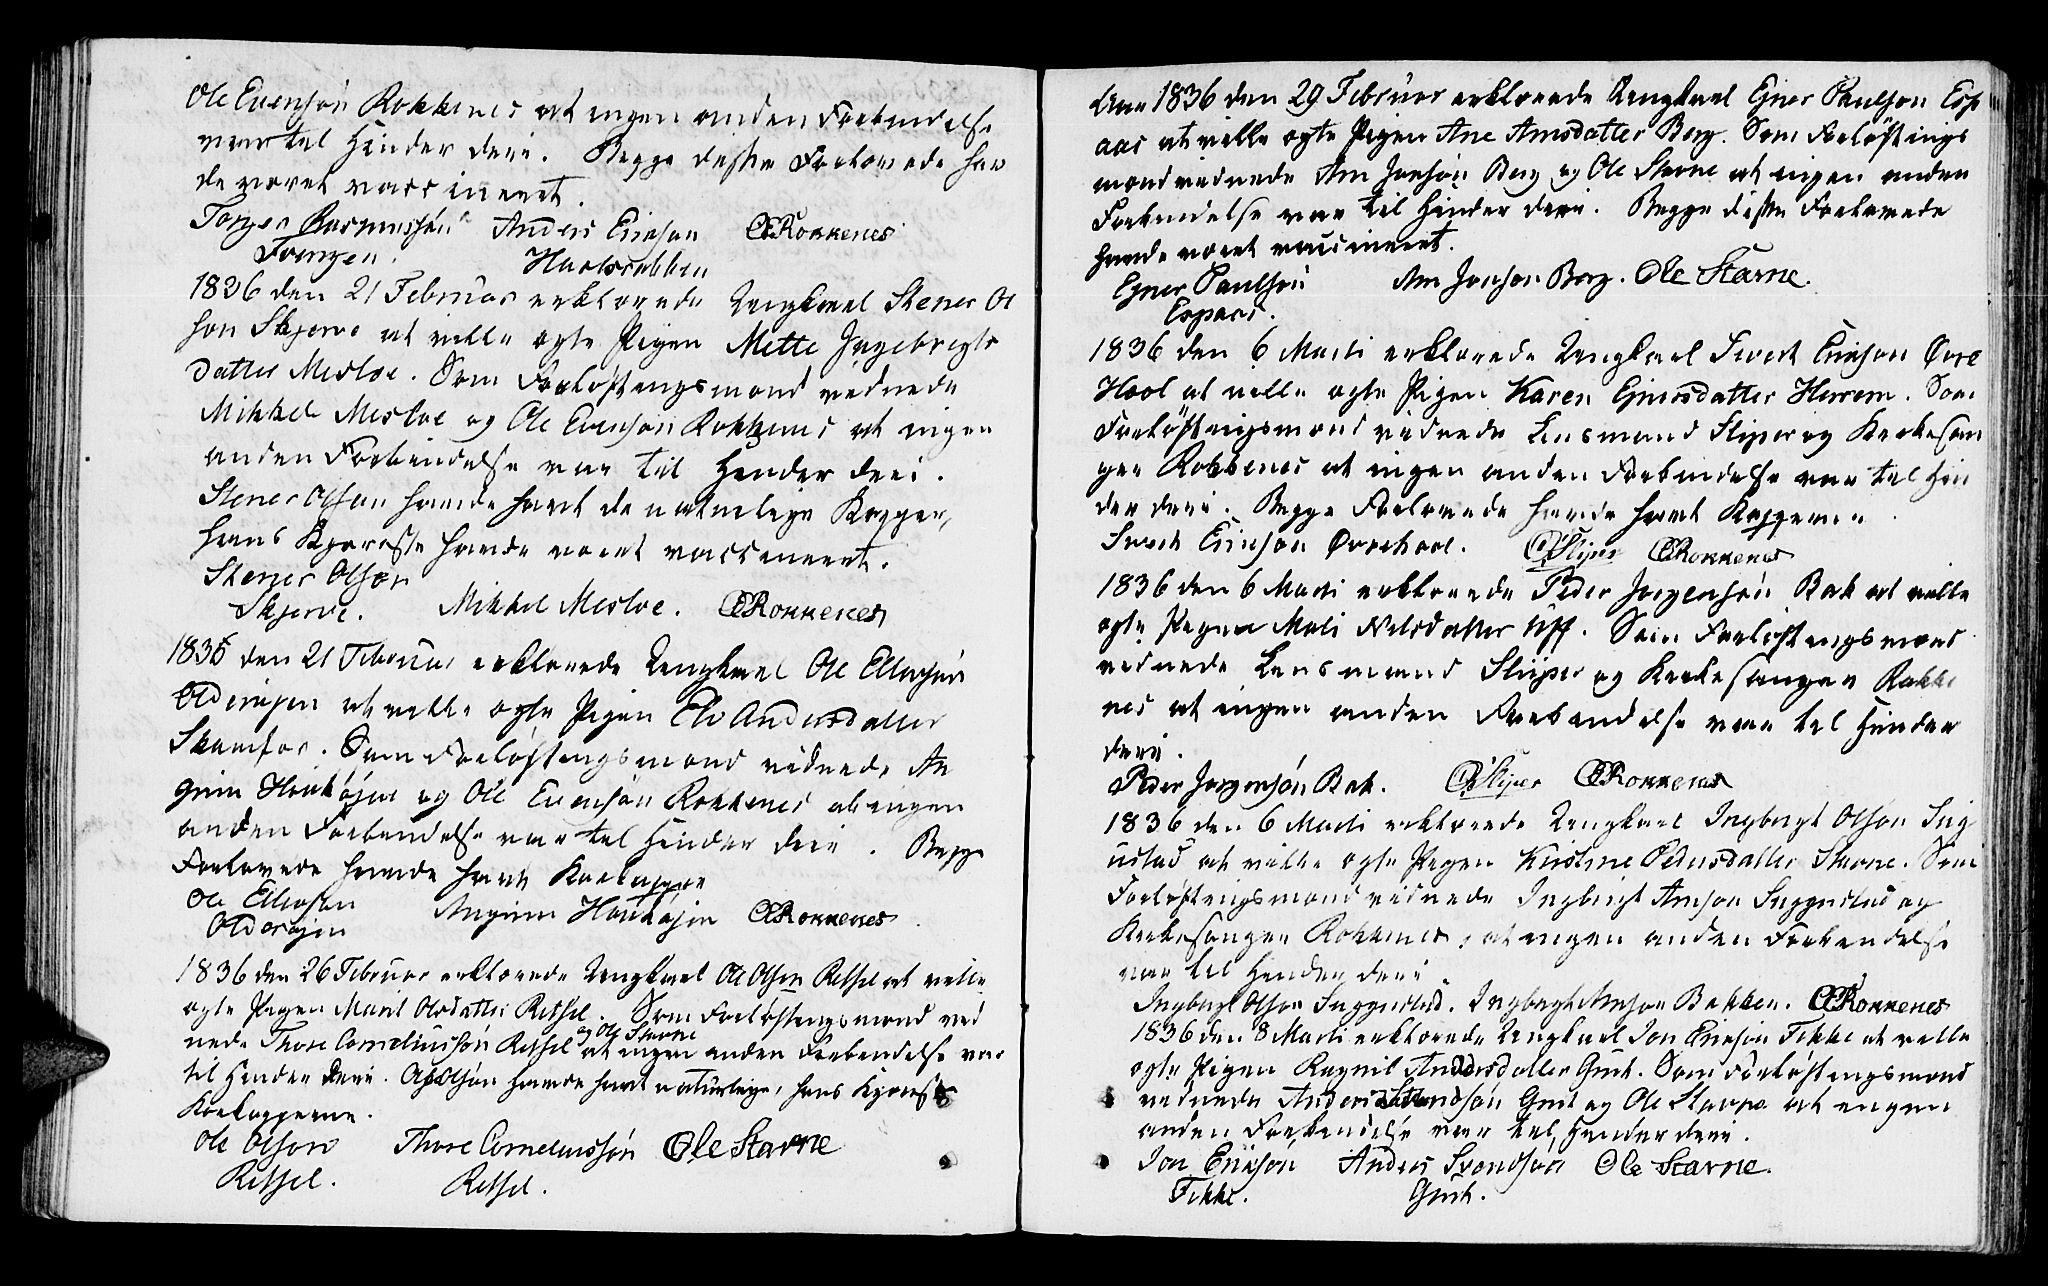 SAT, Ministerialprotokoller, klokkerbøker og fødselsregistre - Sør-Trøndelag, 672/L0858: Ministerialbok nr. 672A10, 1799-1852